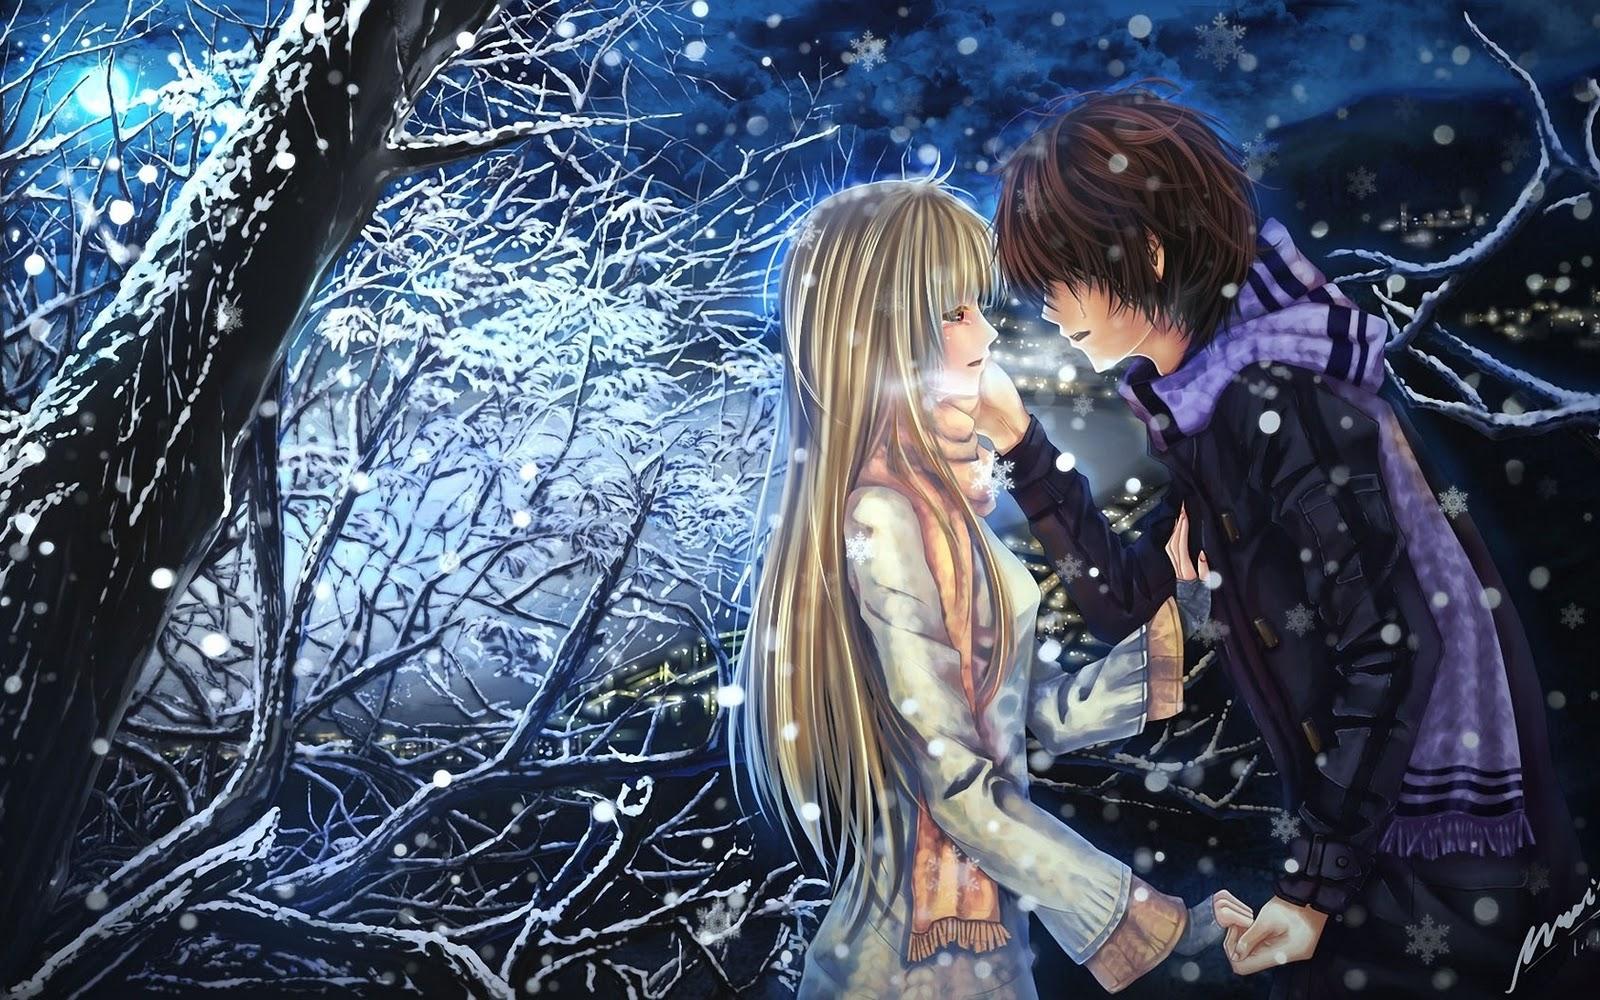 http://1.bp.blogspot.com/-d2IVlR7Rgjs/UGVuL0HtEwI/AAAAAAAAHG4/DpNf_p7xXbw/s1600/Anime+Boy+Girl+Couple+In+Love+HD+Wallpaper+-+bestLovehdWallpapers.Blogspot.Com.jpg